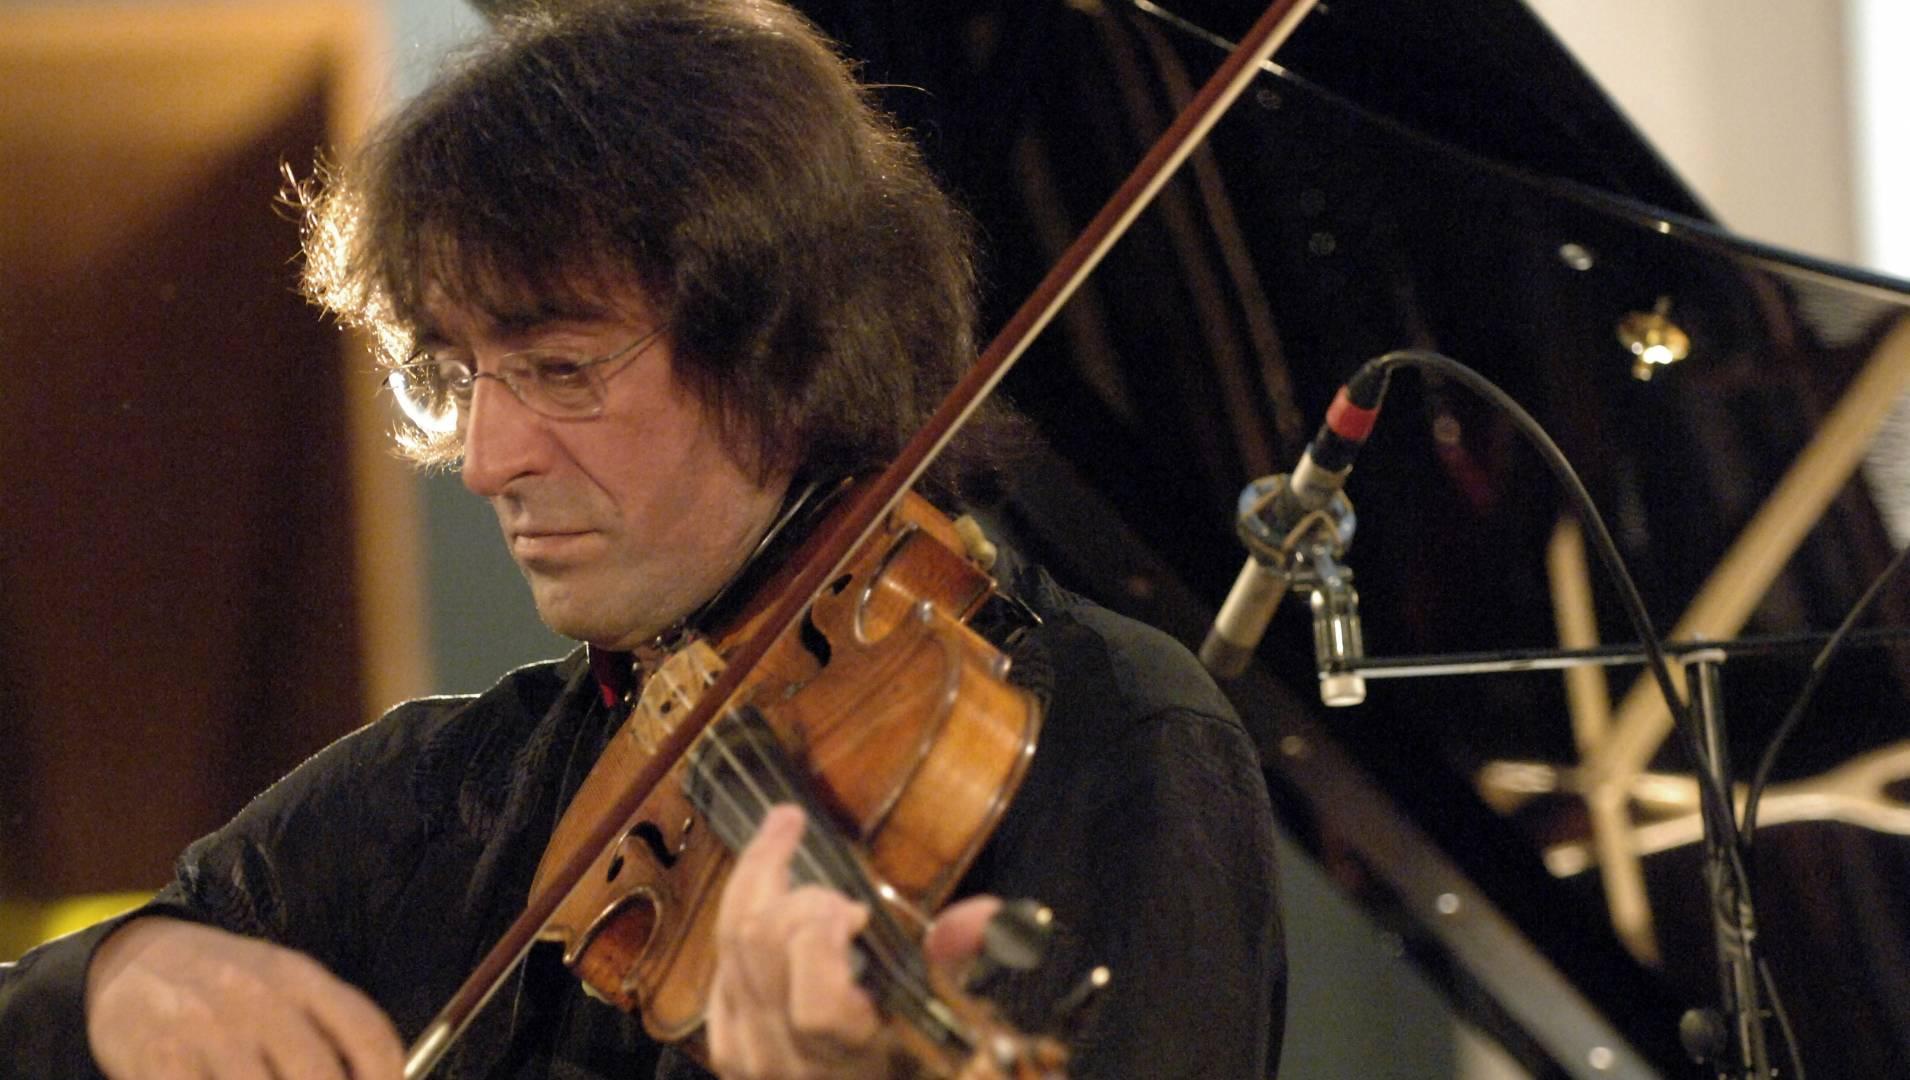 Юбилейный концерт Юрия Башмета - Концерт